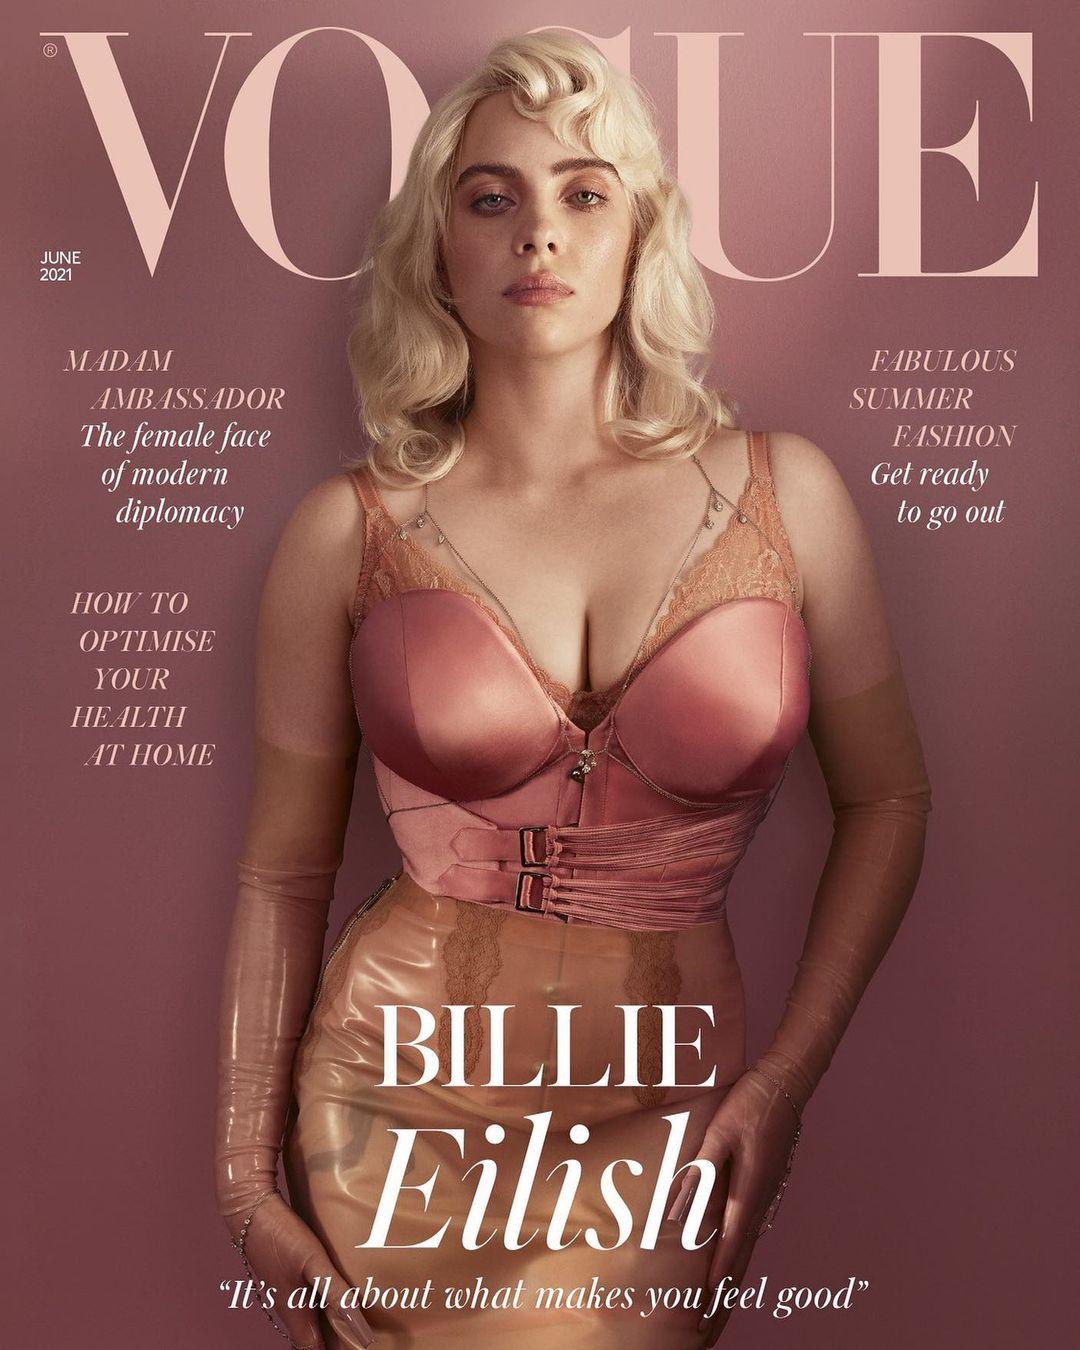 Vogue Billie Eilish 4